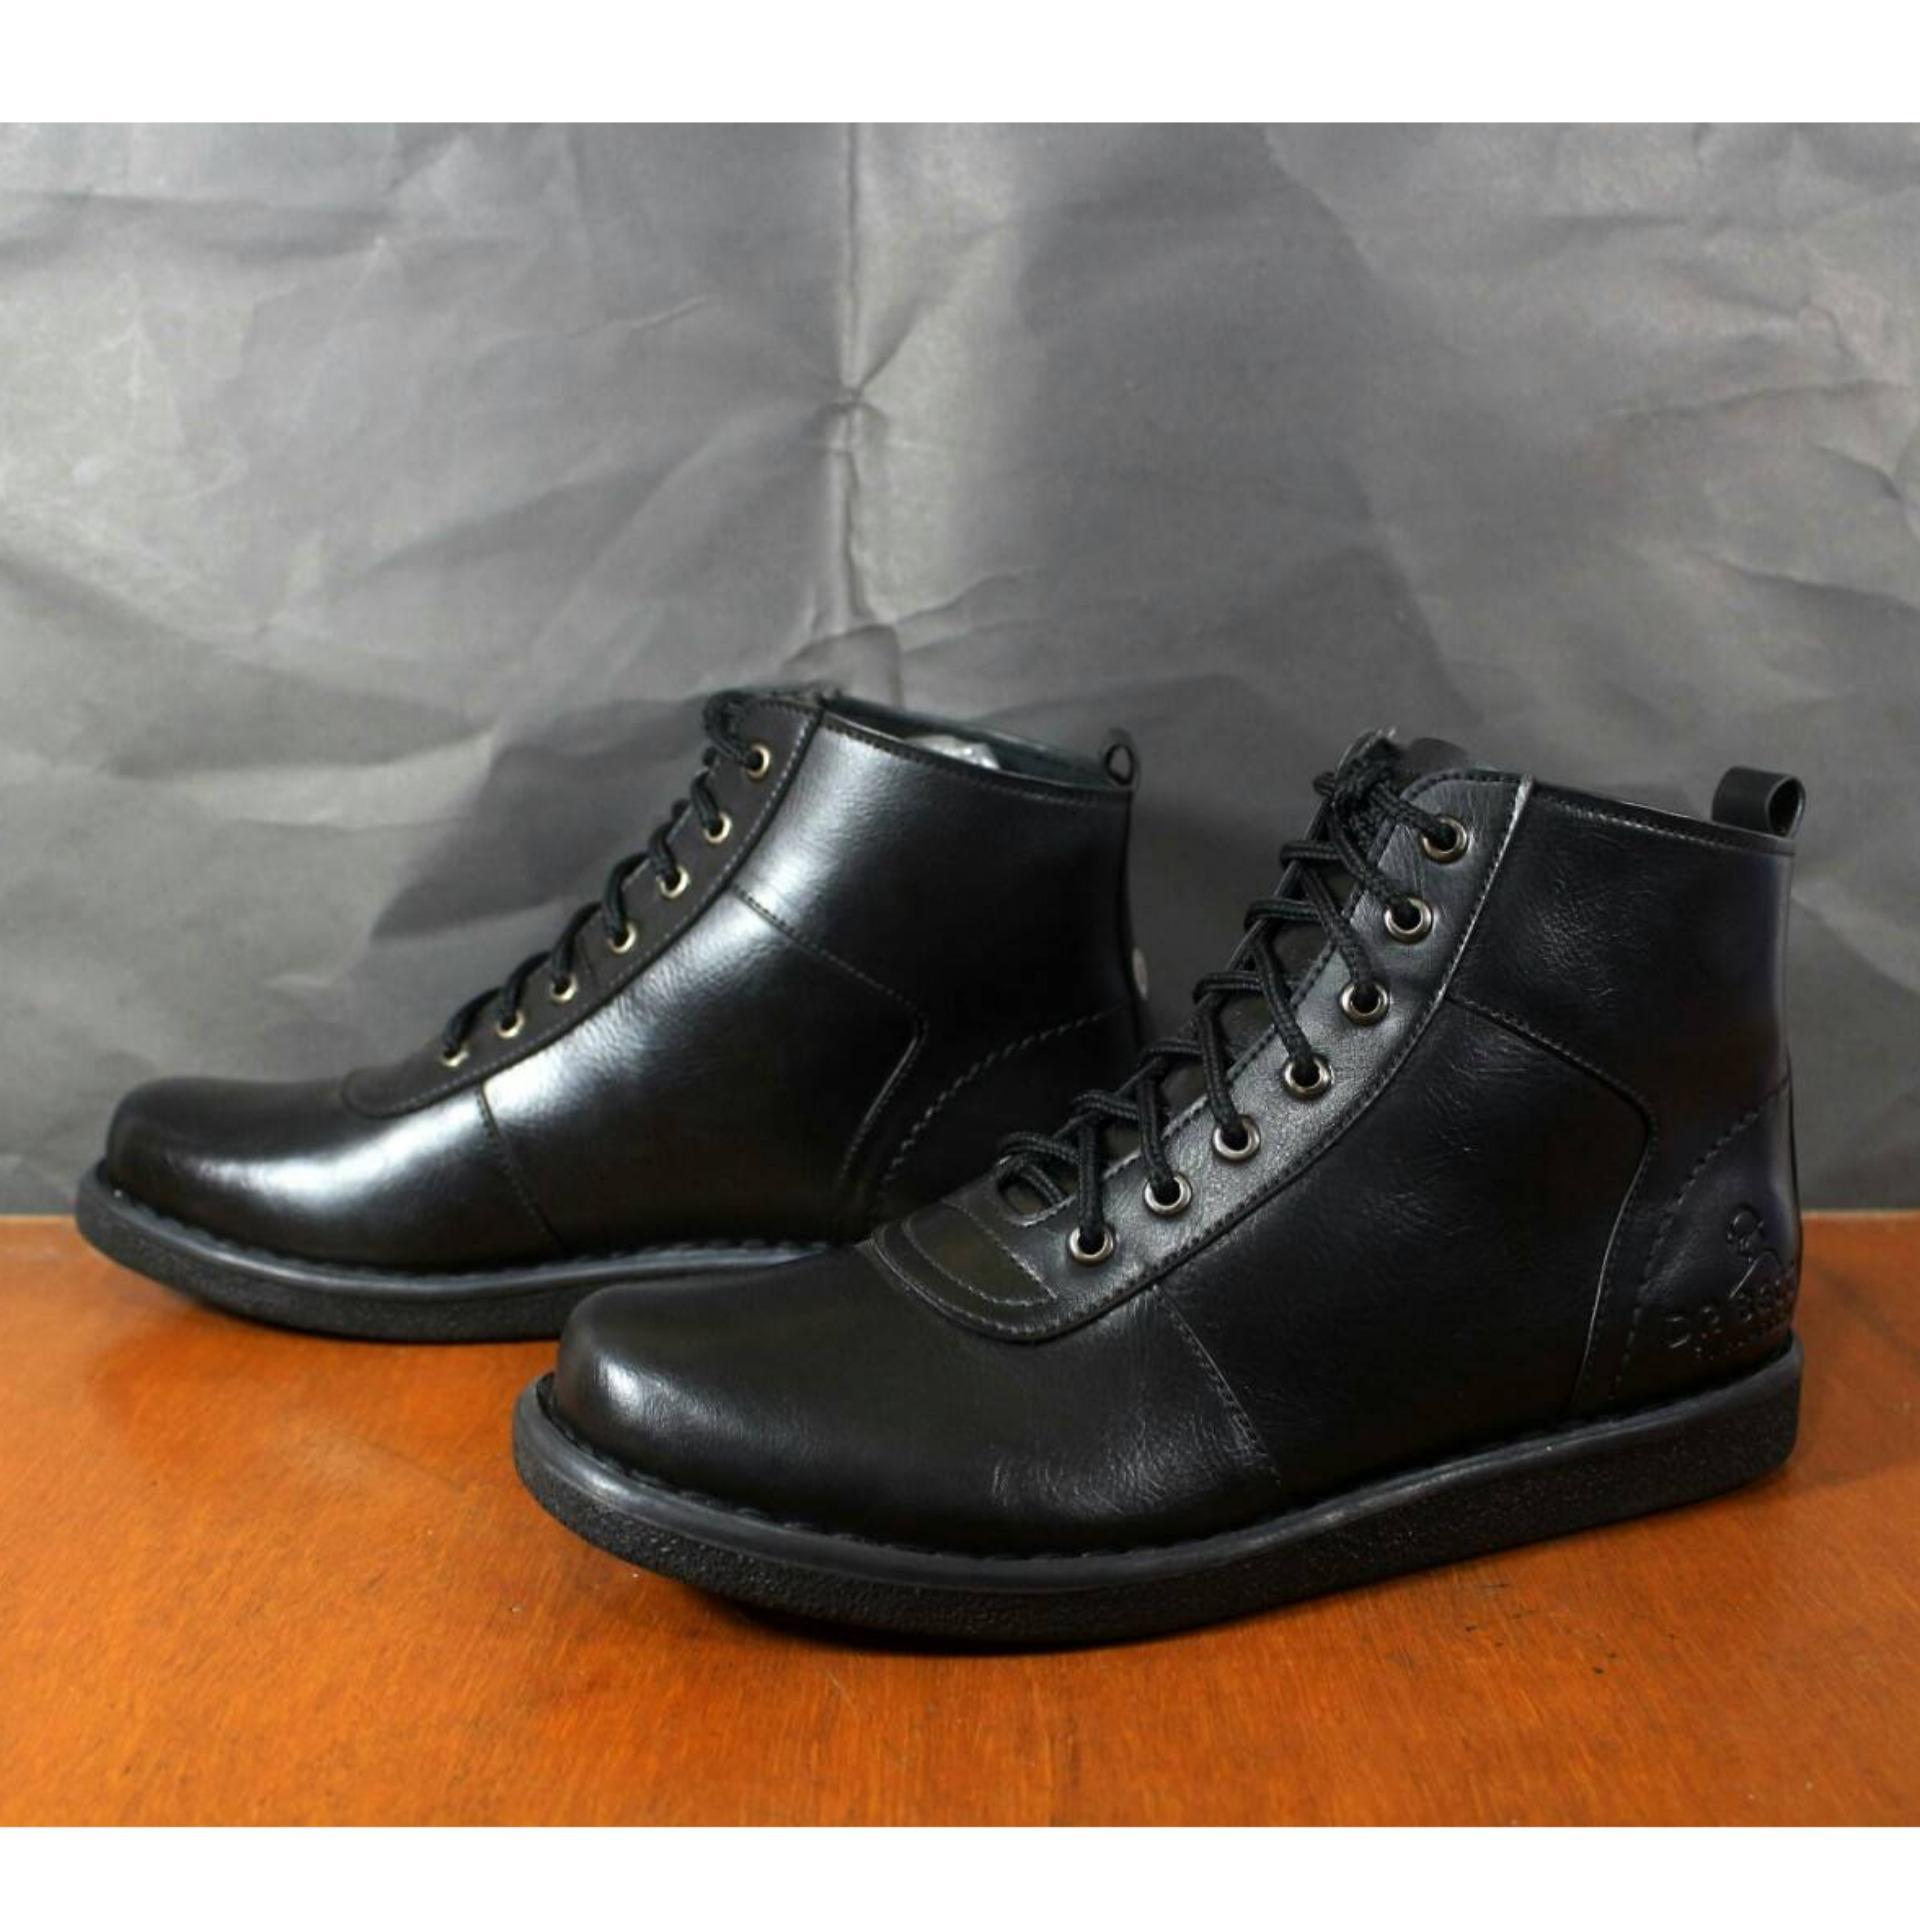 Sepatu Boots Brodo Pria Dr Becco Jgr Brown - Daftar Harga Penjualan ... 44e4d181ae